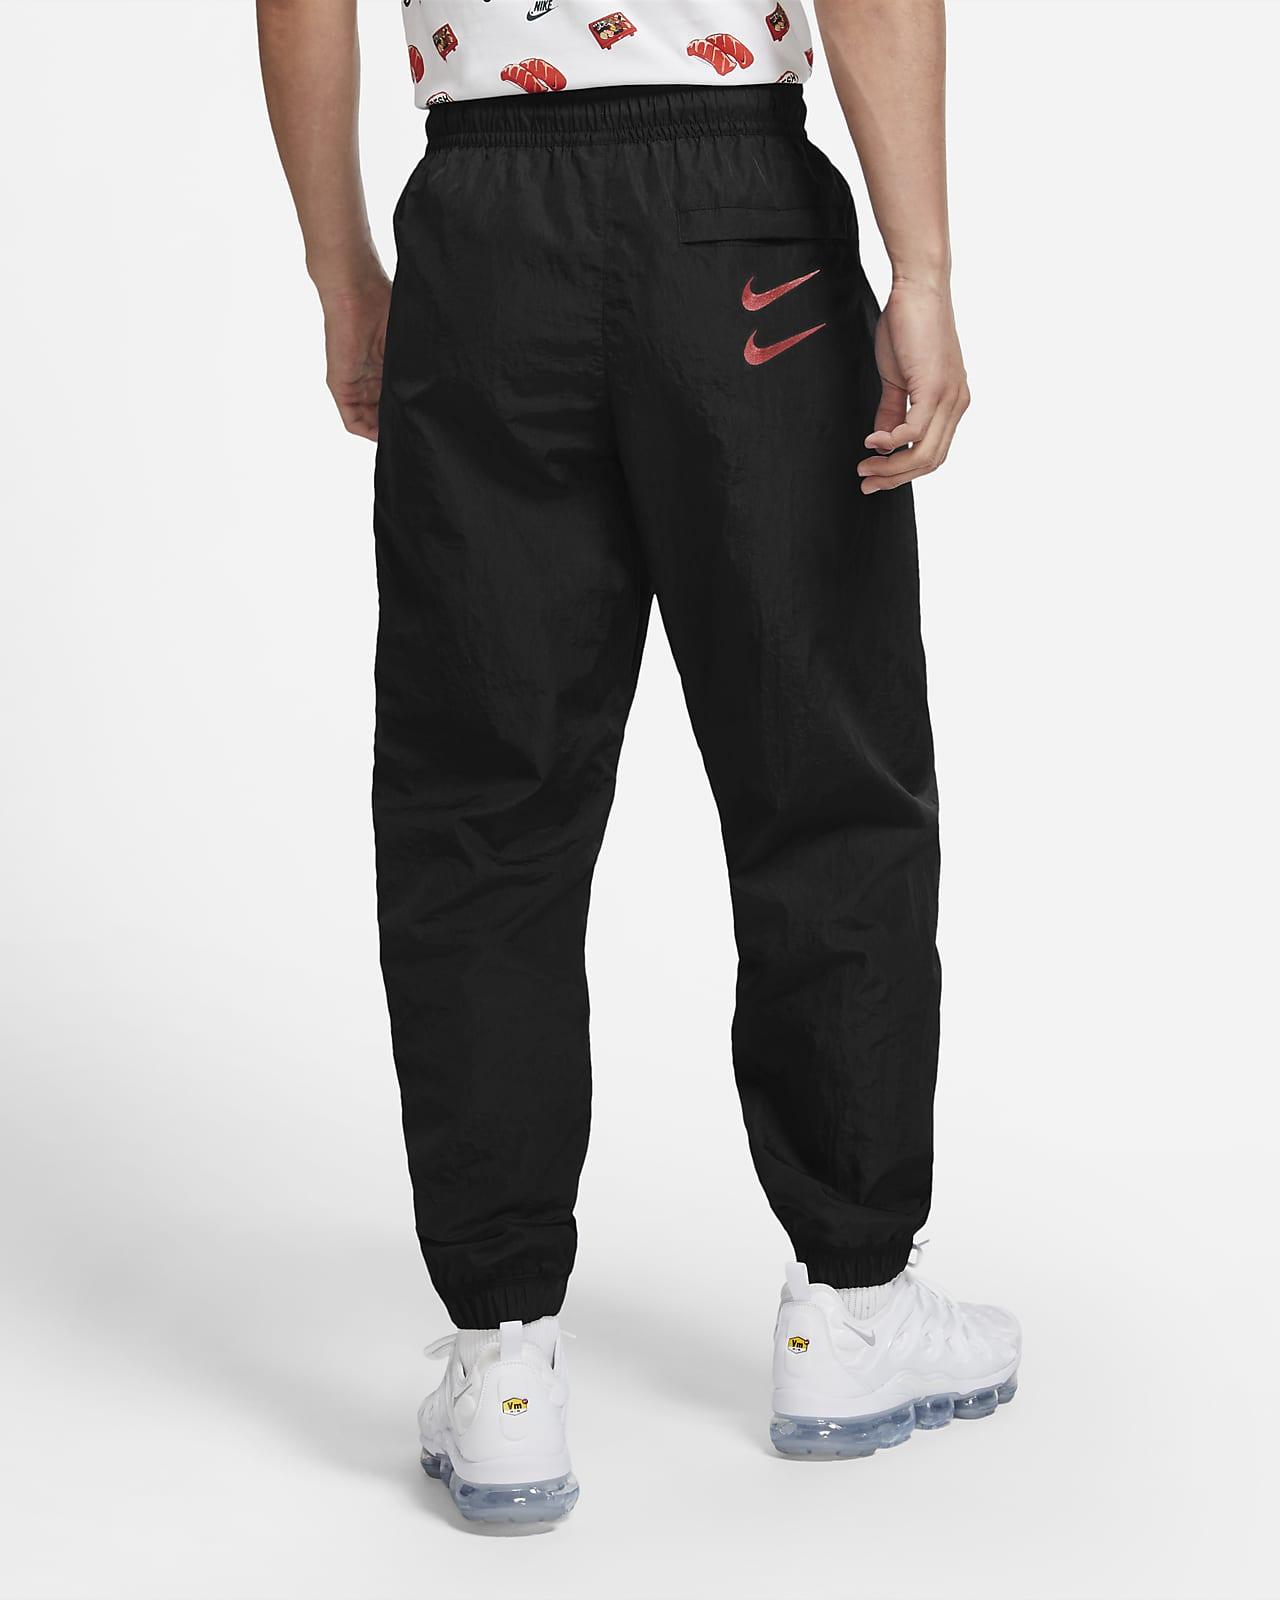 Apertura della confezione Ordine alfabetico essere colpito  Nike Sportswear Swoosh Men's Woven Trousers. Nike MY